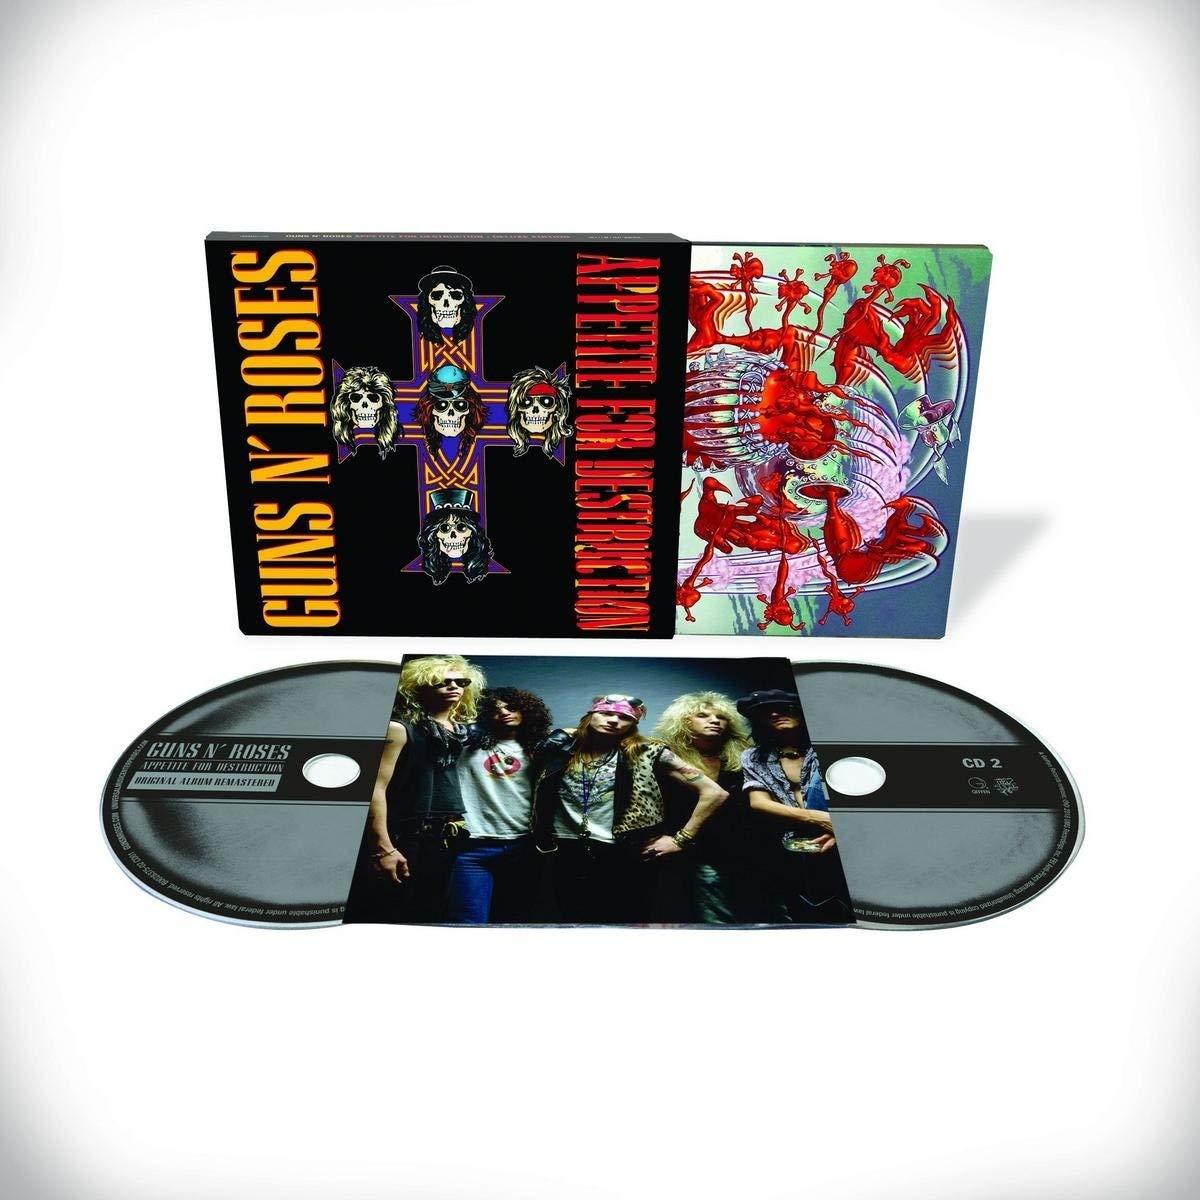 Guns N Roses Roses. Appetite For Destruction (2CD)